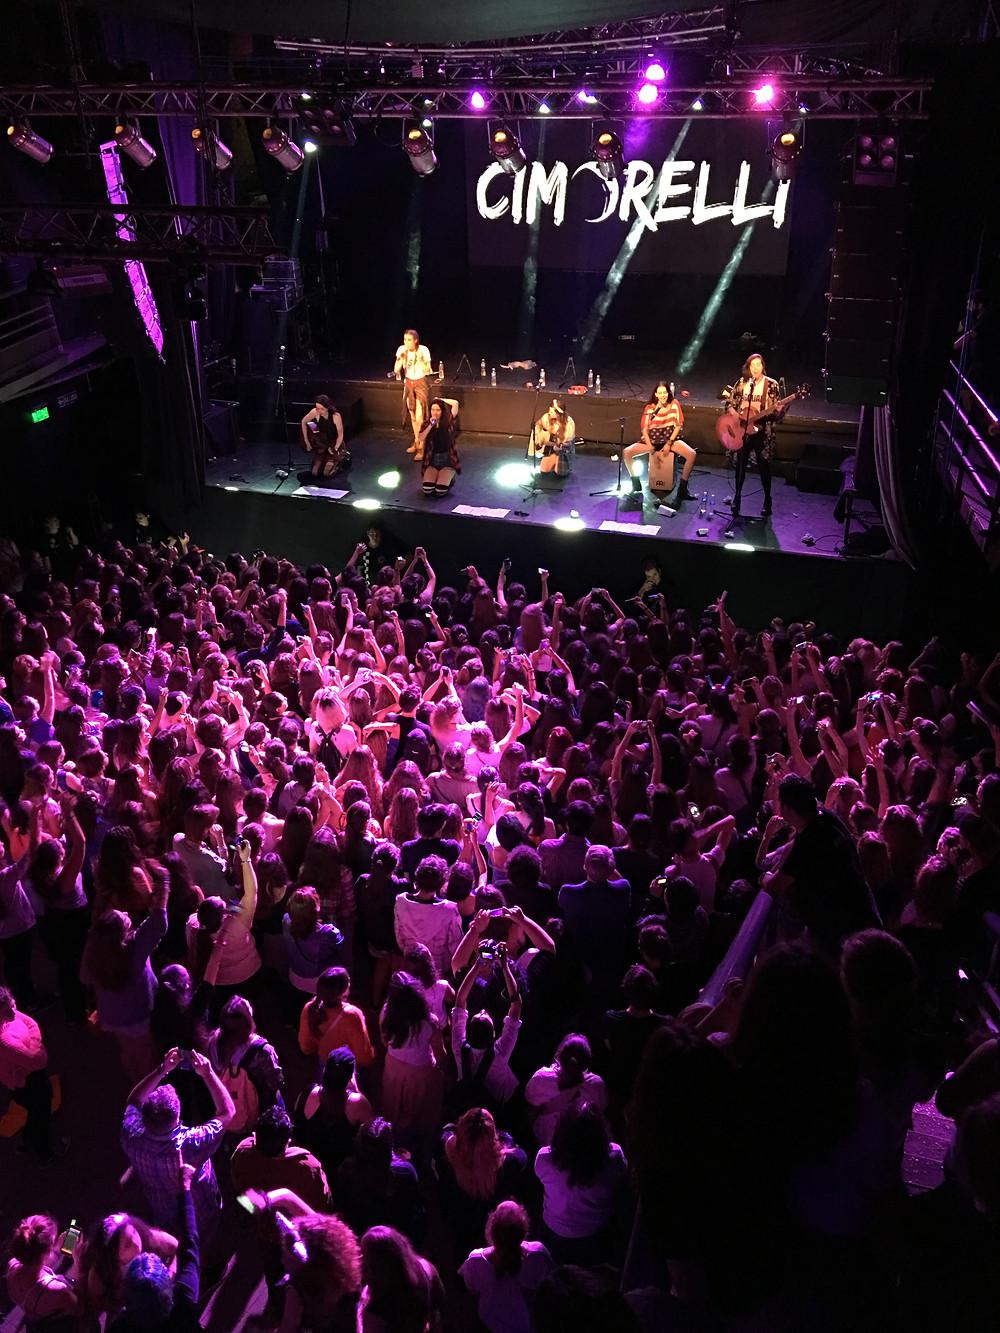 Cimorelli concert